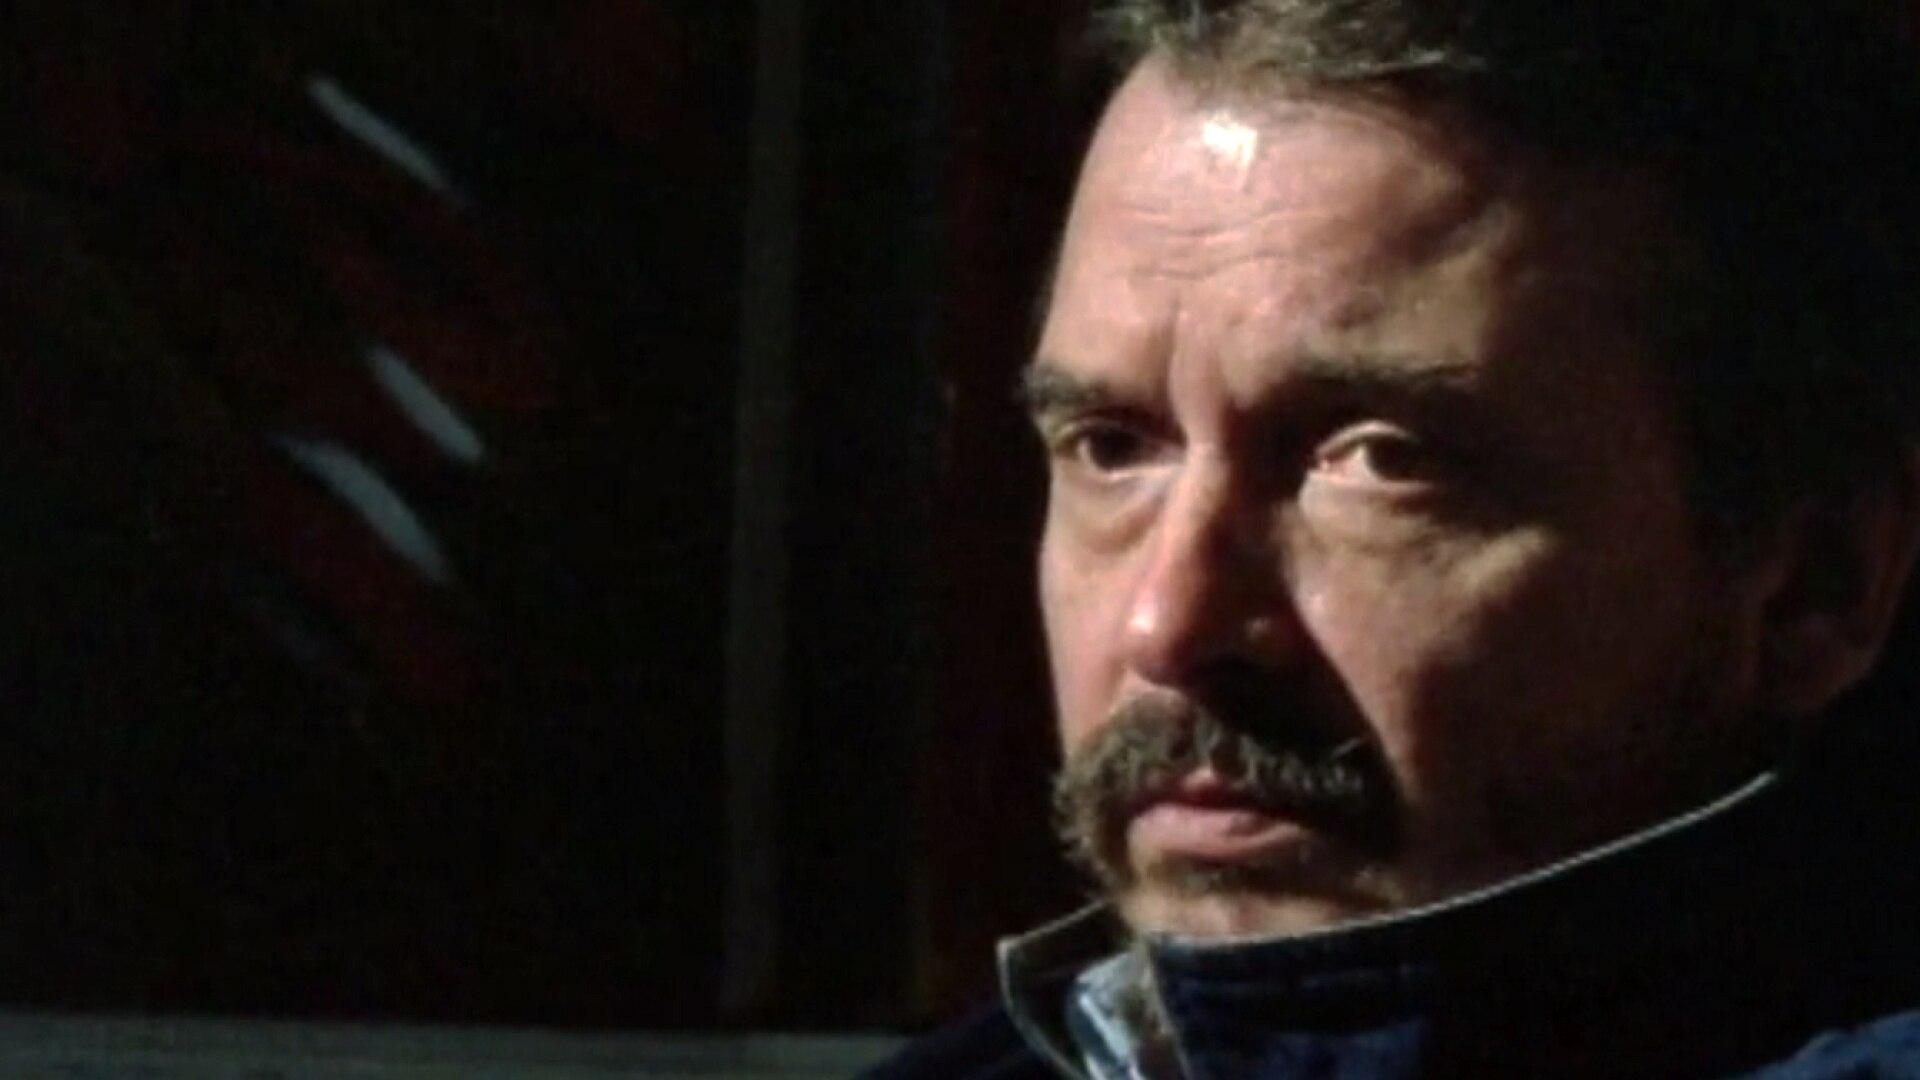 David Bailey: The South Bank Show Origin